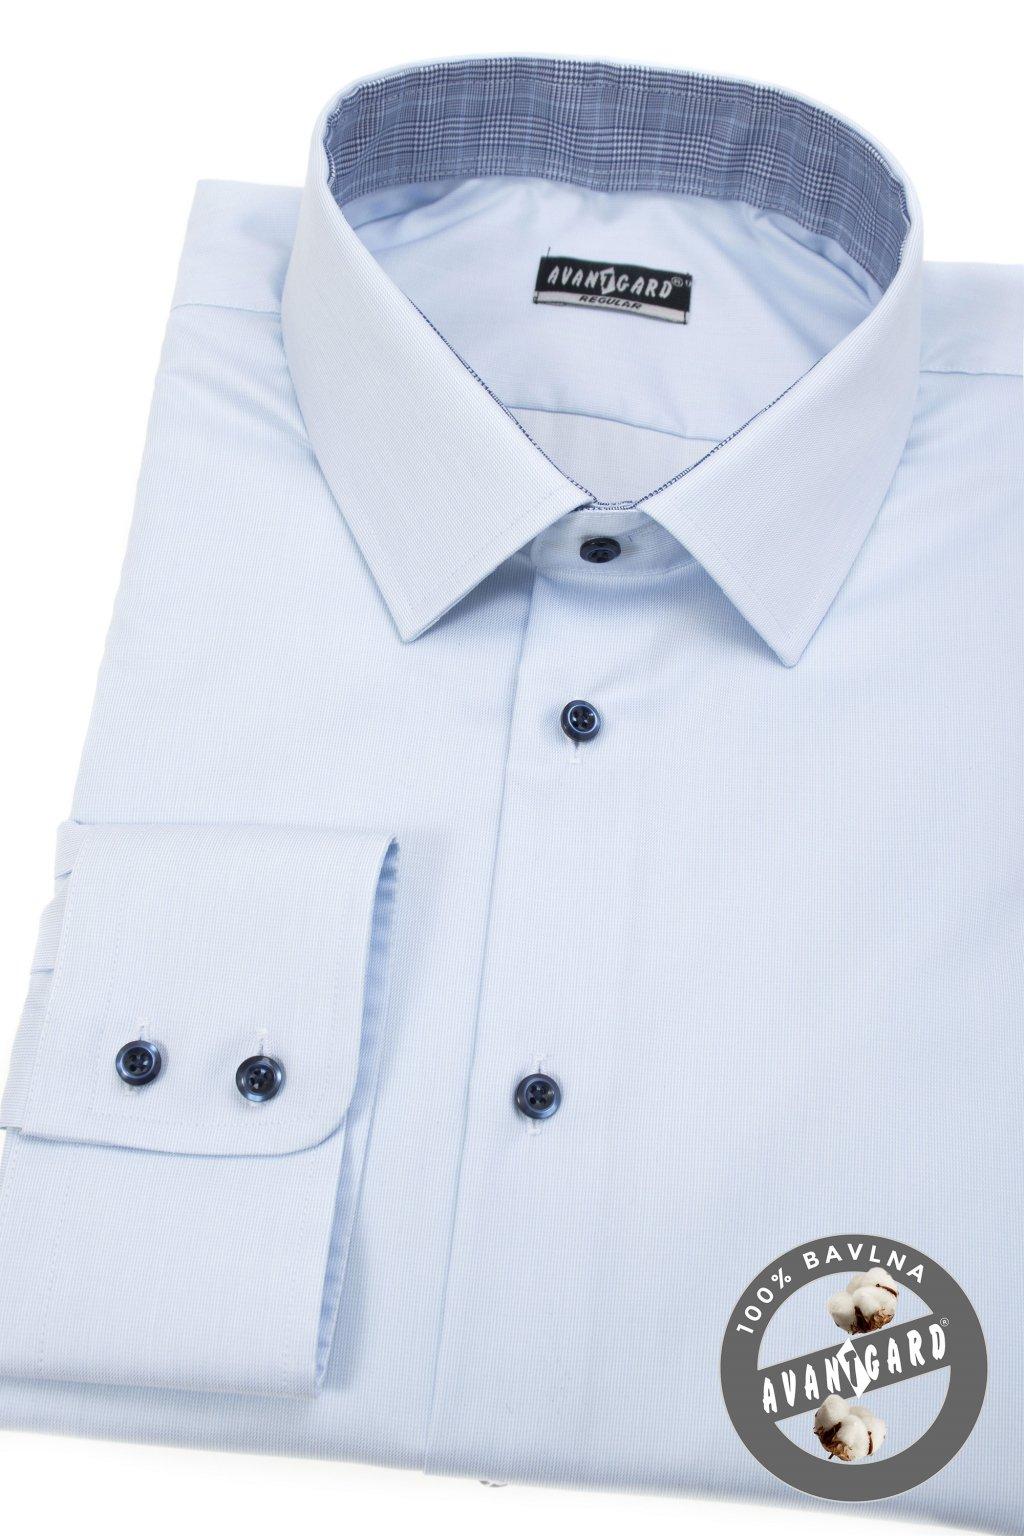 Pánská košile REGULAR modrá 207 - 4555